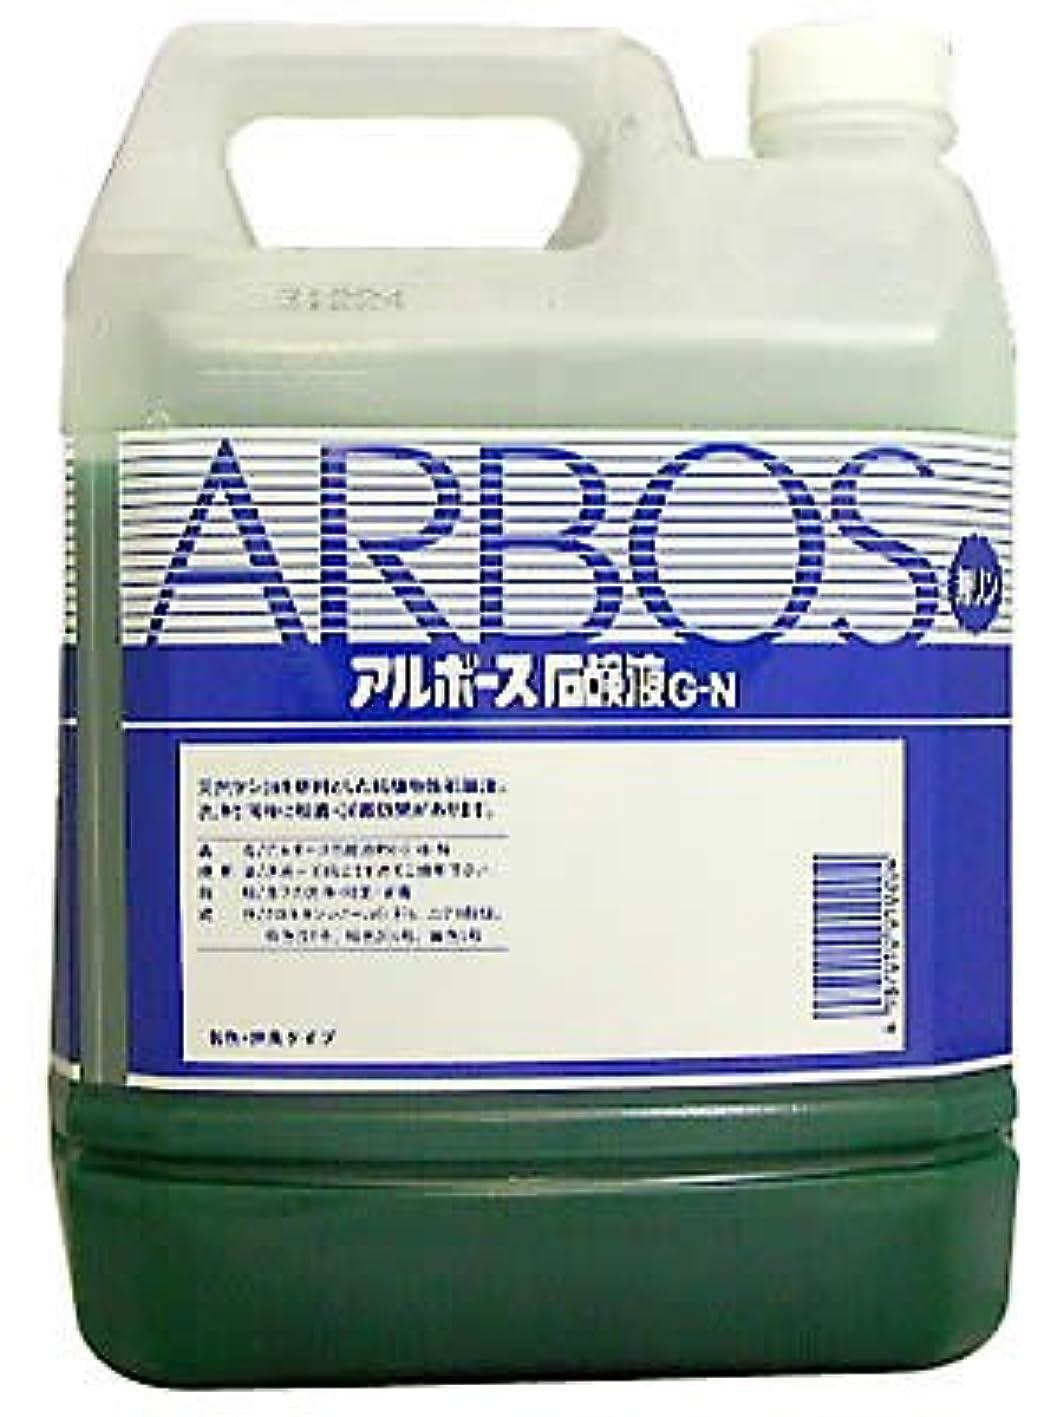 技術的な証言麻痺させるアルボース石鹸液G-N 010204kg / 6-8601-01